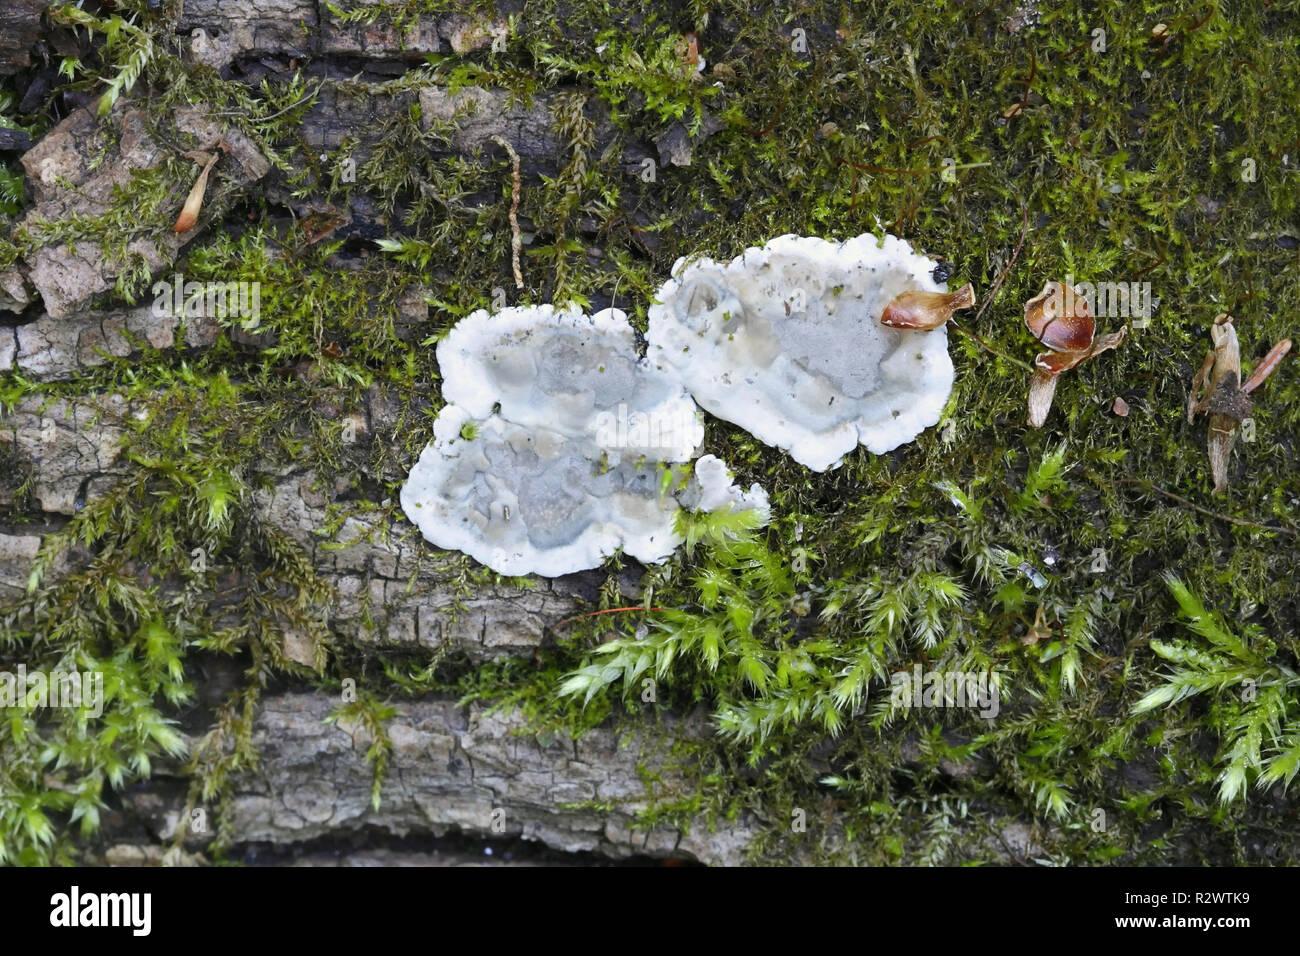 Brittle cinder fungus, Kretzschmaria deusta, major plant pathogen - Stock Image